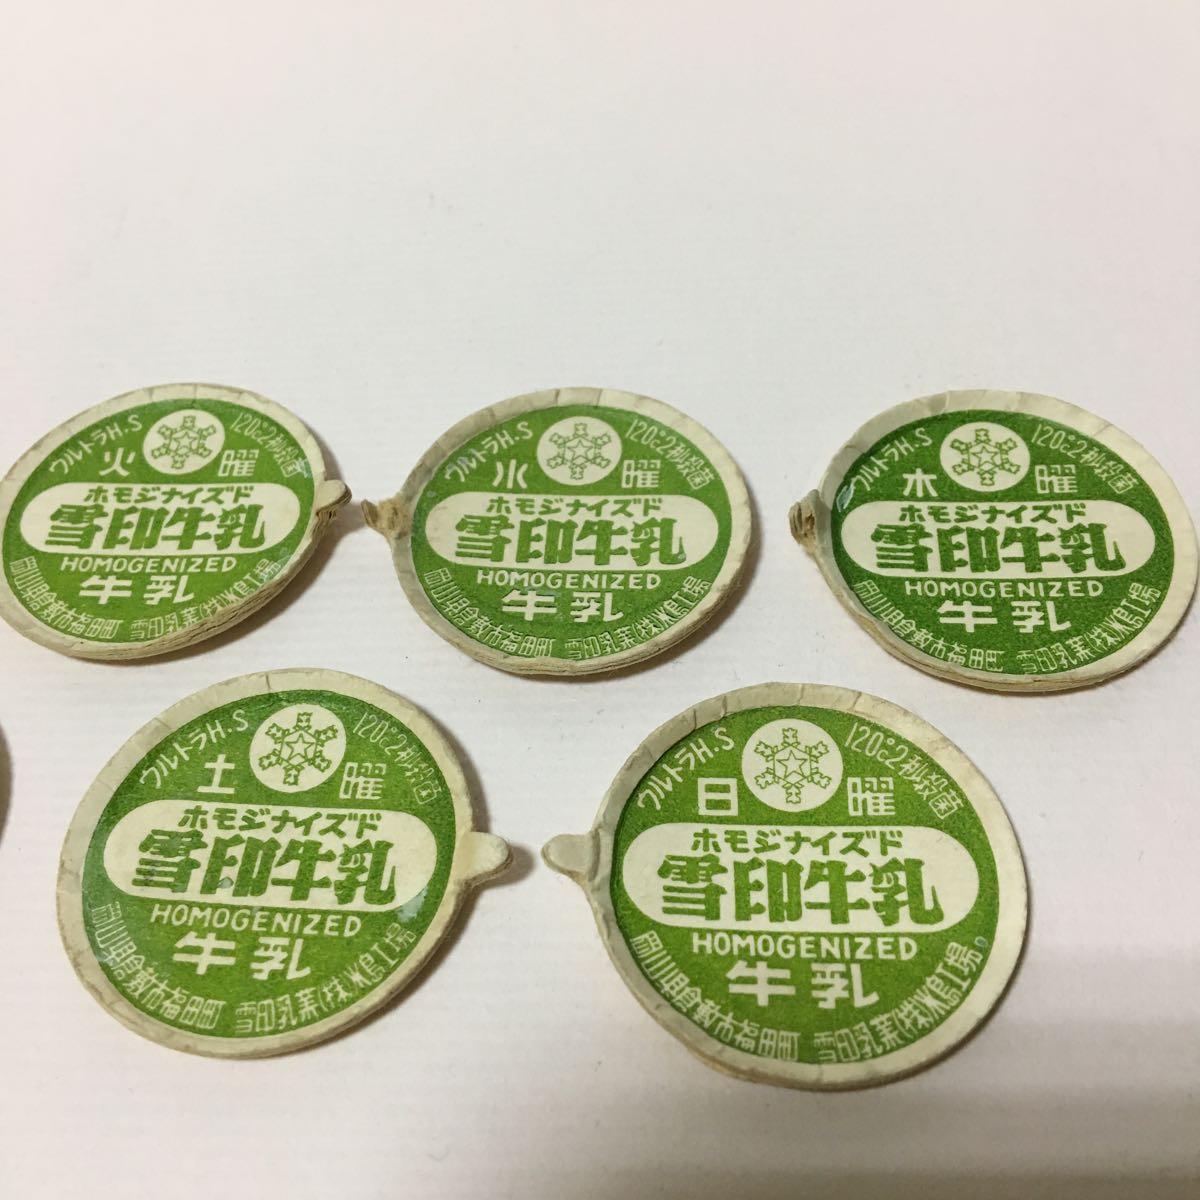 牛乳キャップ ホモジナイズド雪印 古い 昭和 月曜~日曜 一週間セット_画像3